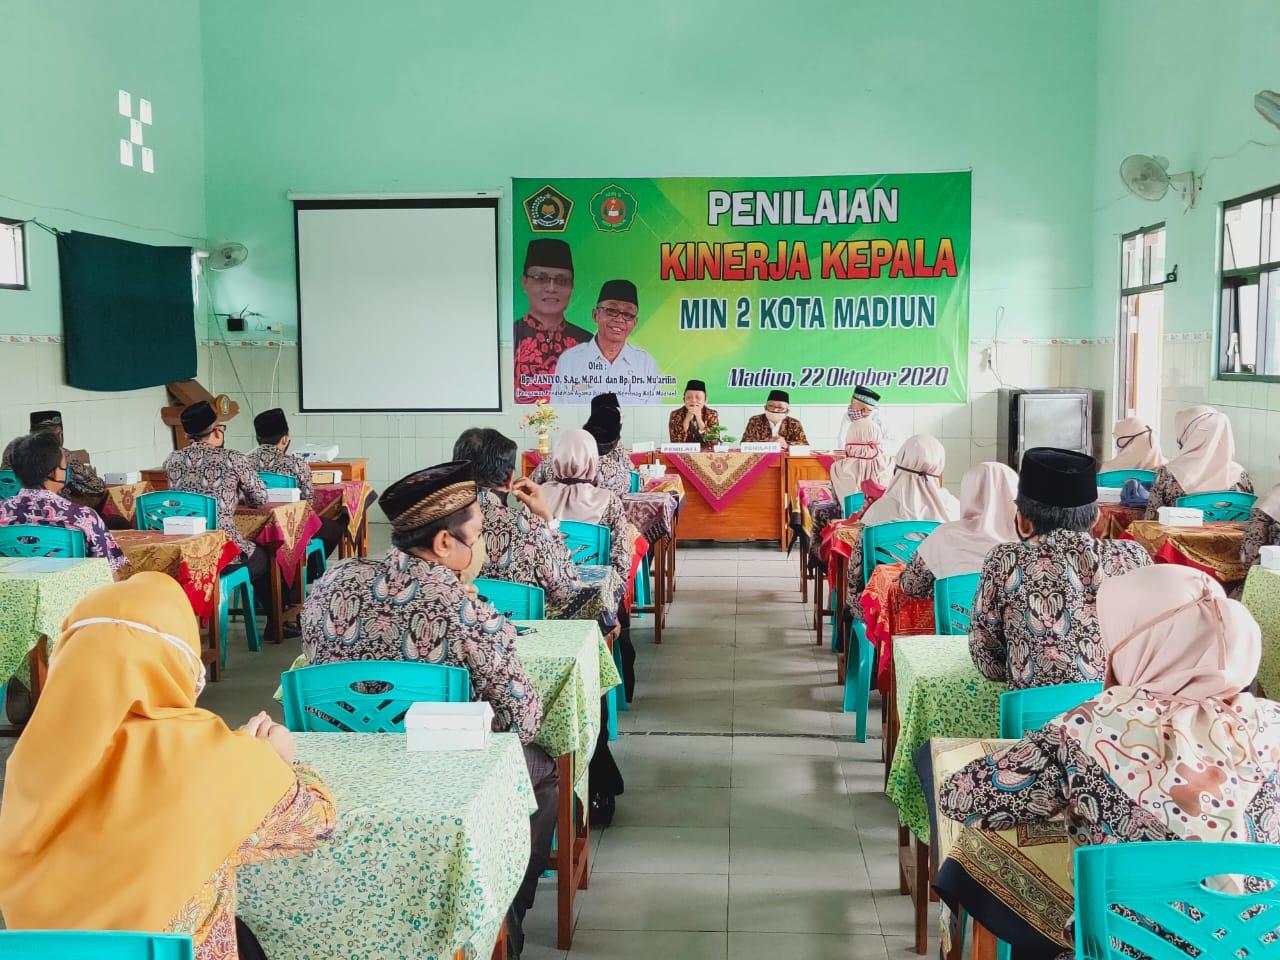 Visitasi Penilaian Kinerja Kepala Madrasah (PKKM) dari Kementerian Agama Kota Madiun ke MIN 2 Kota Madiun Berjalan Lancar